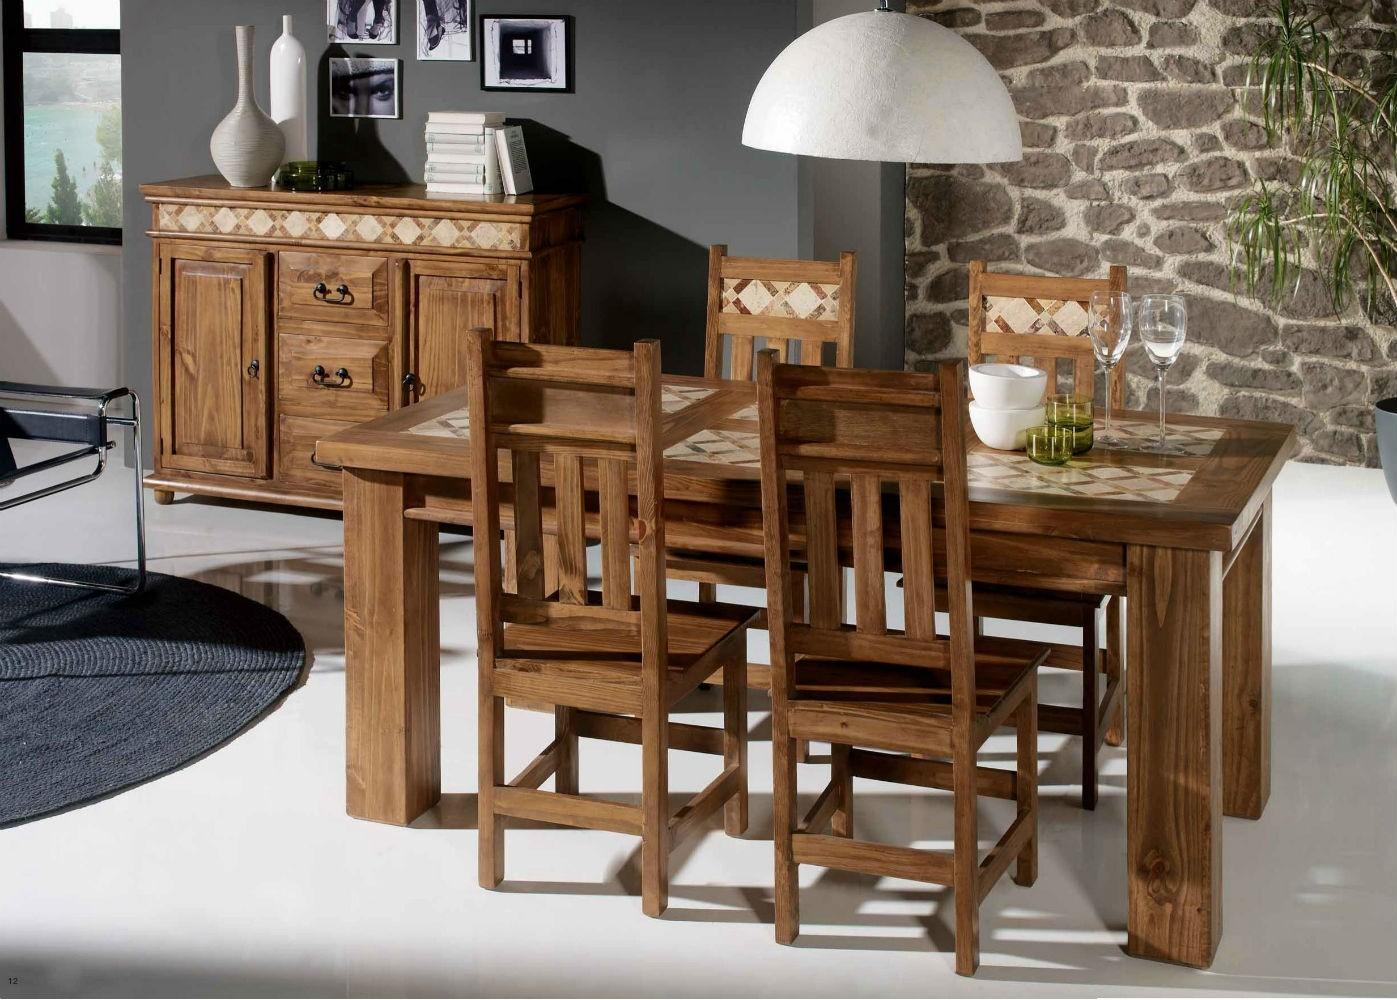 Muebles Baratos Online Con Financiacion | Tienda De Muebles Baratos ...